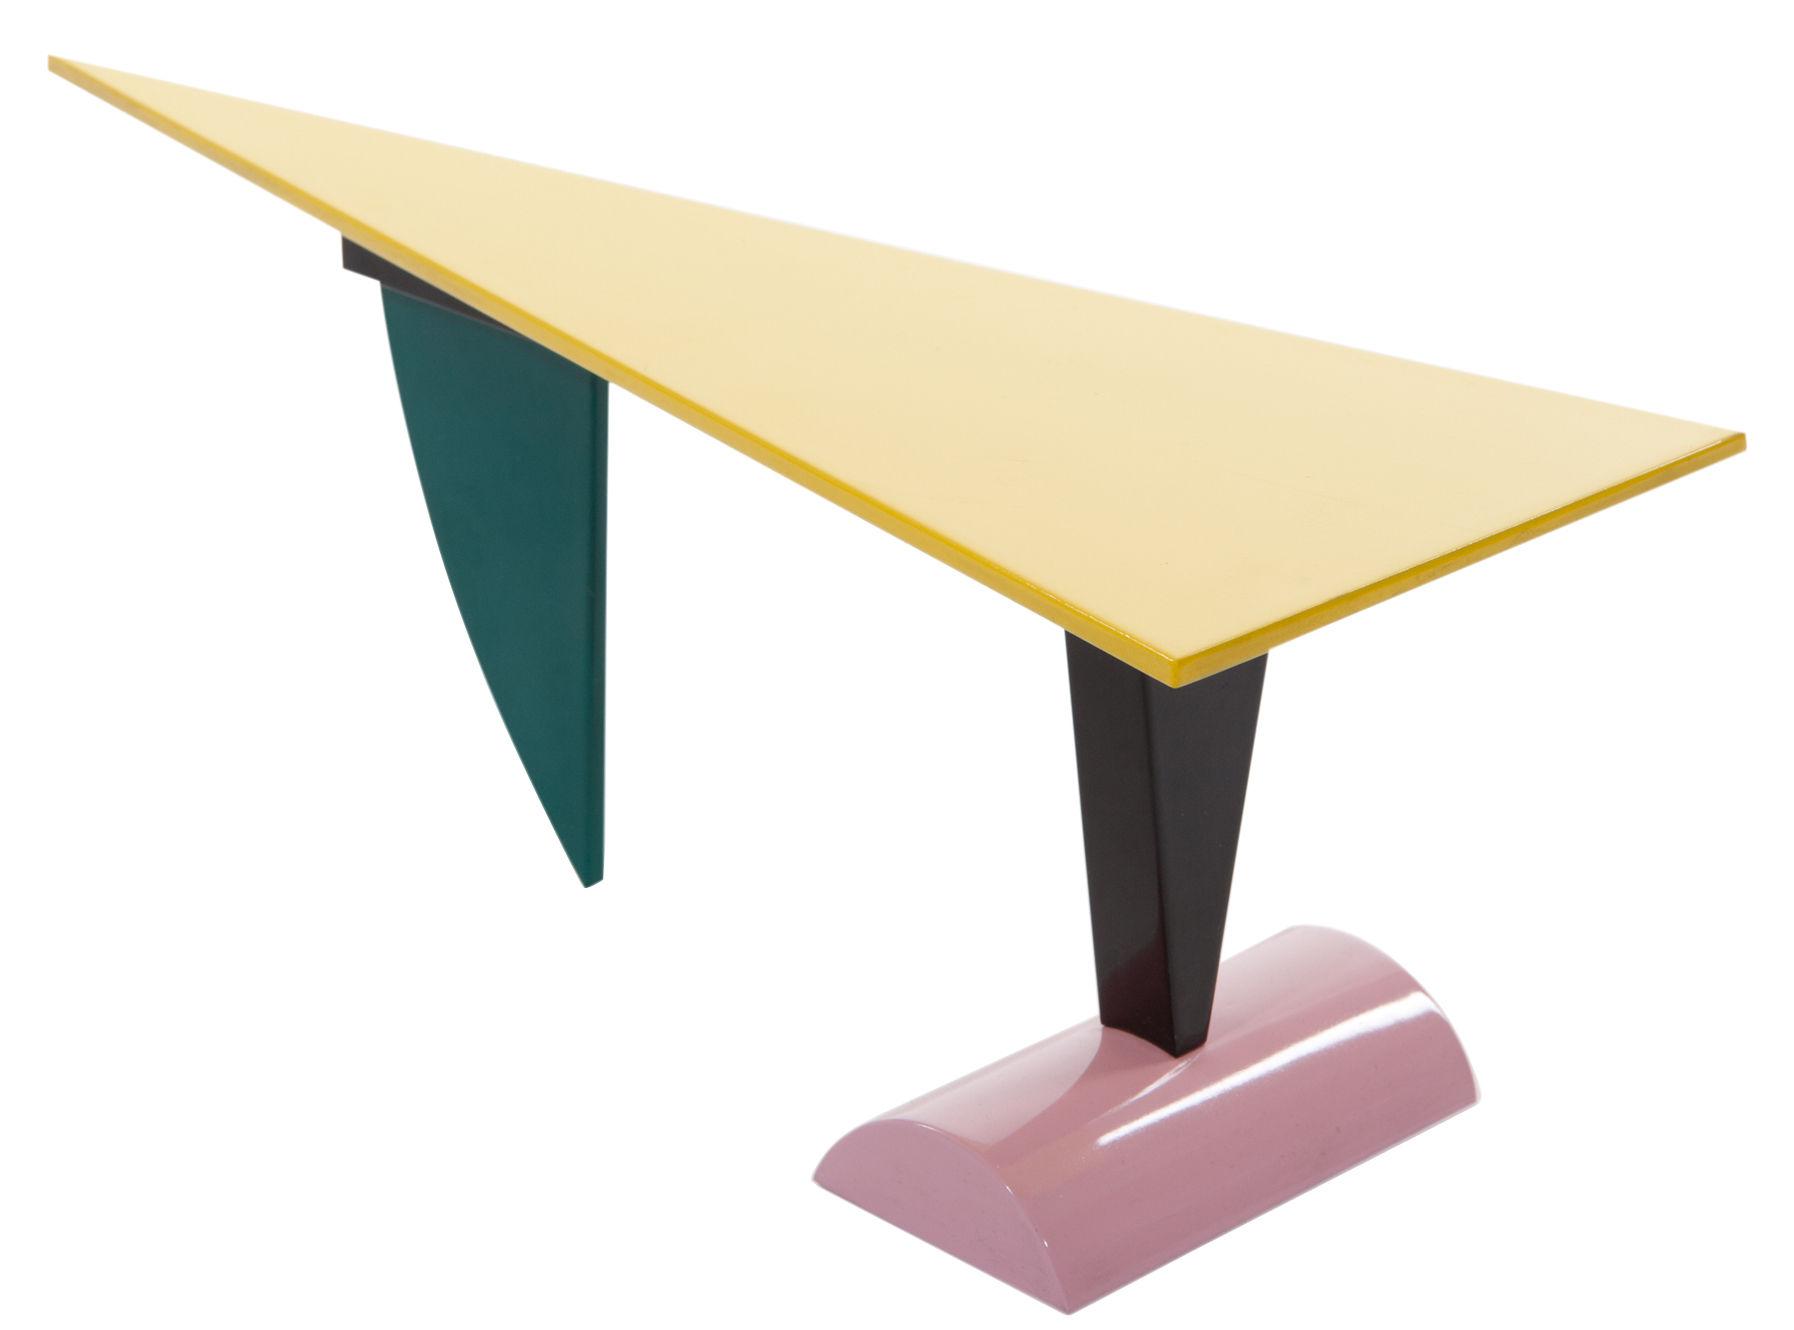 Mobilier - Tables - Table rectangulaire Brazil by Peter Shire / 1981 - Memphis Milano - Multicolore - Bois laqué